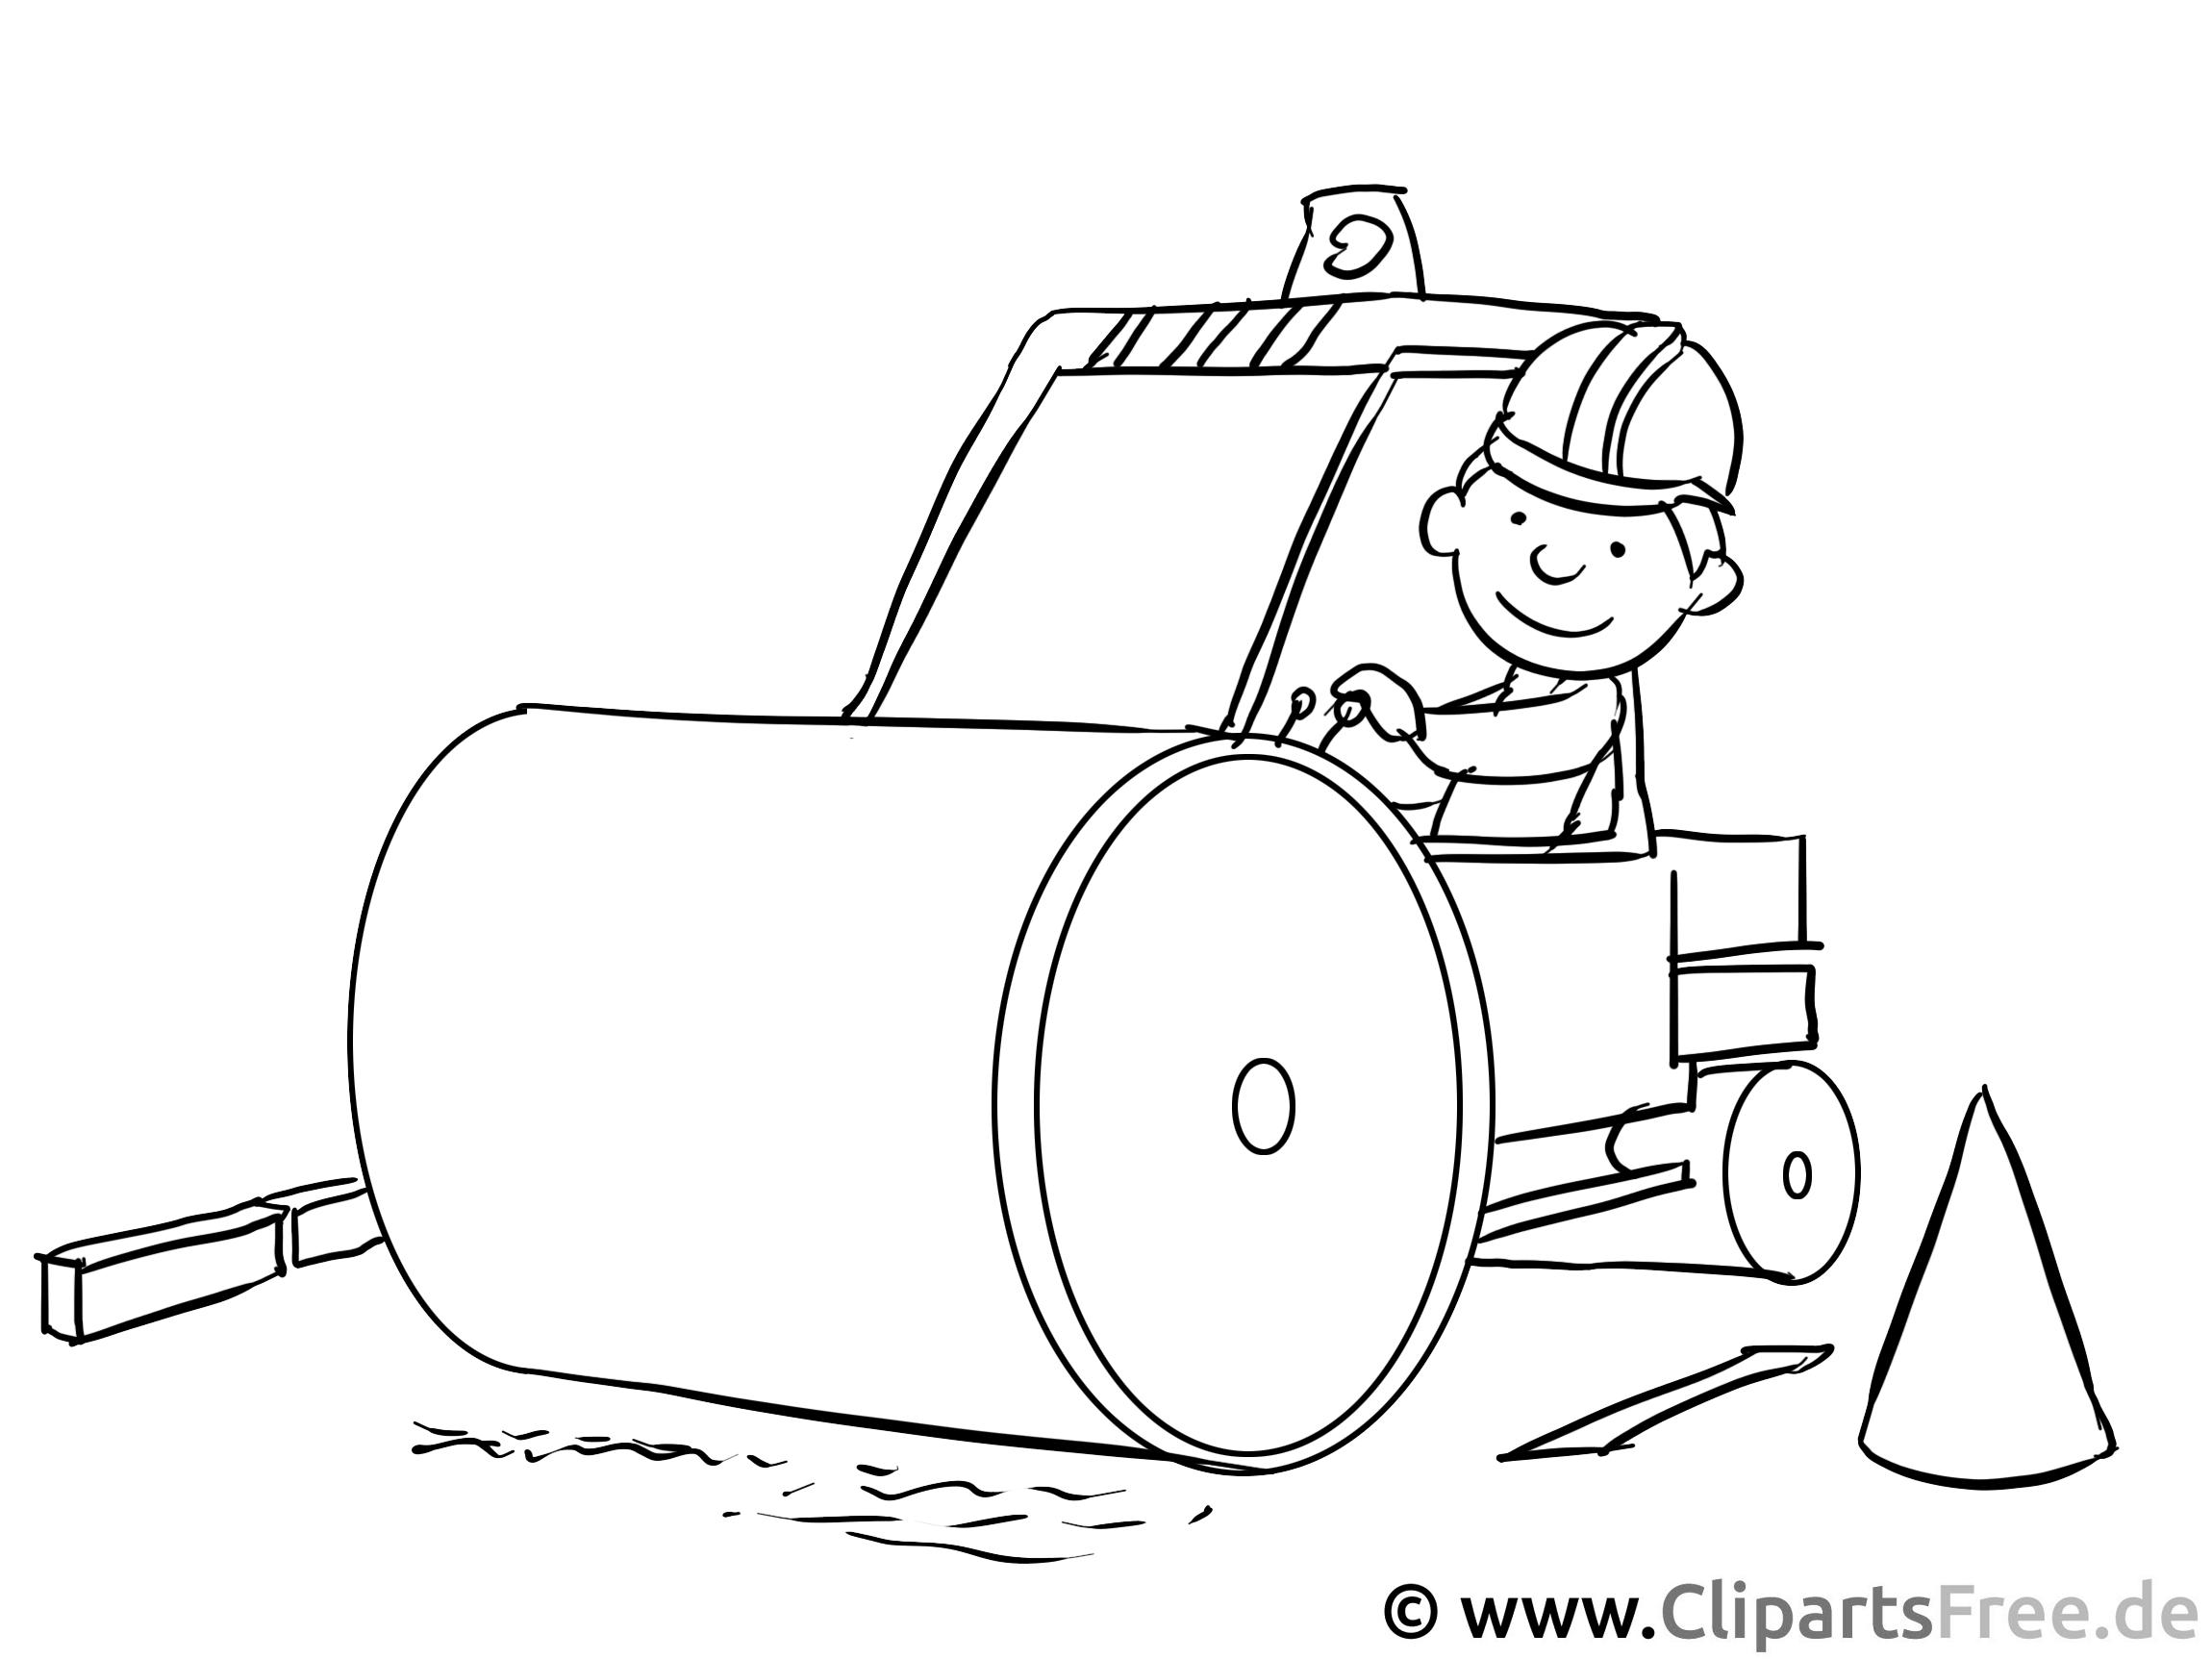 Strassenwalze, Walze, Baustelle - gratis Ausmalbilder zum Ausdrucken